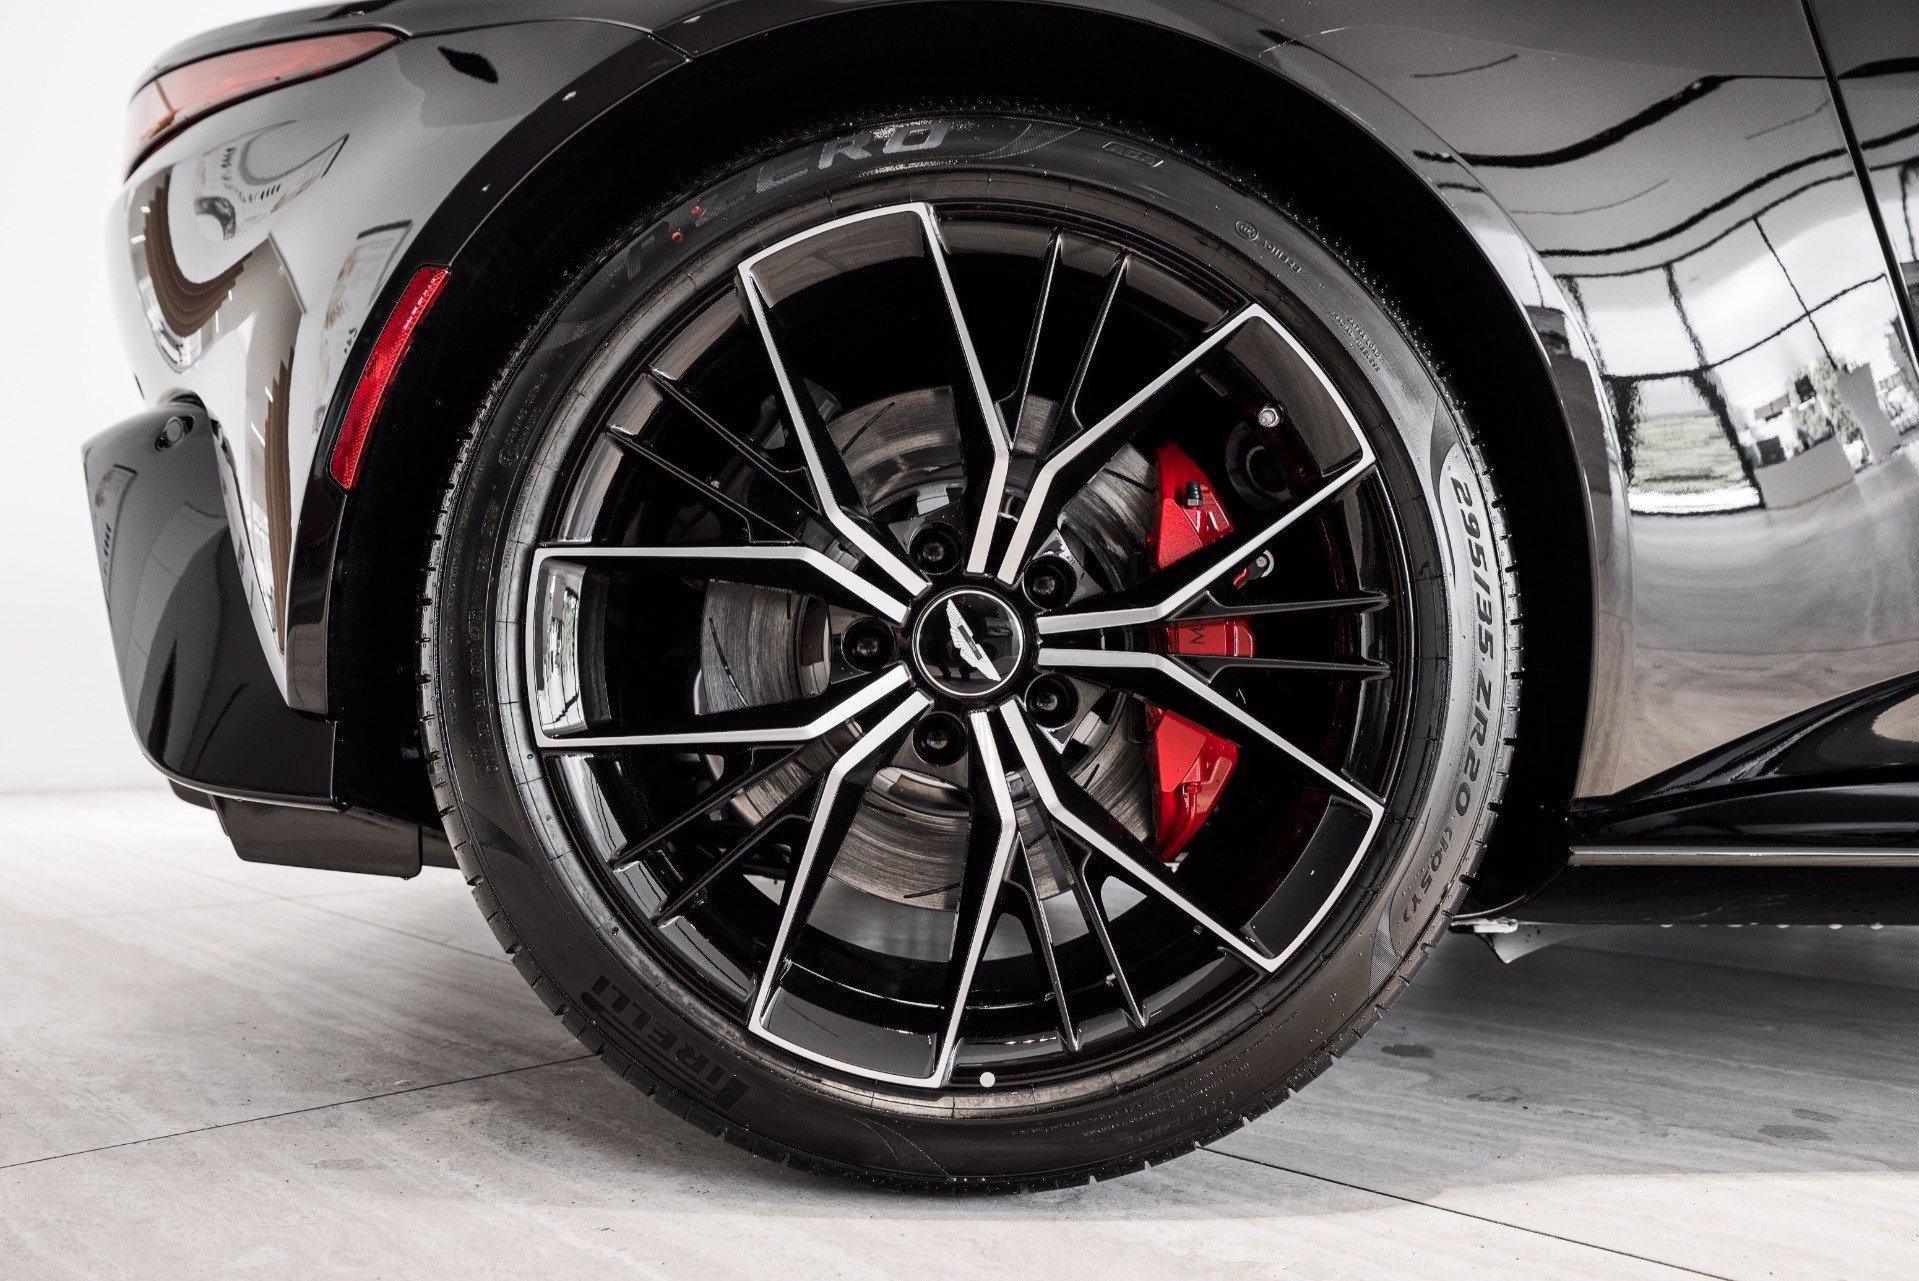 New-2021-Aston-Martin-Vantage